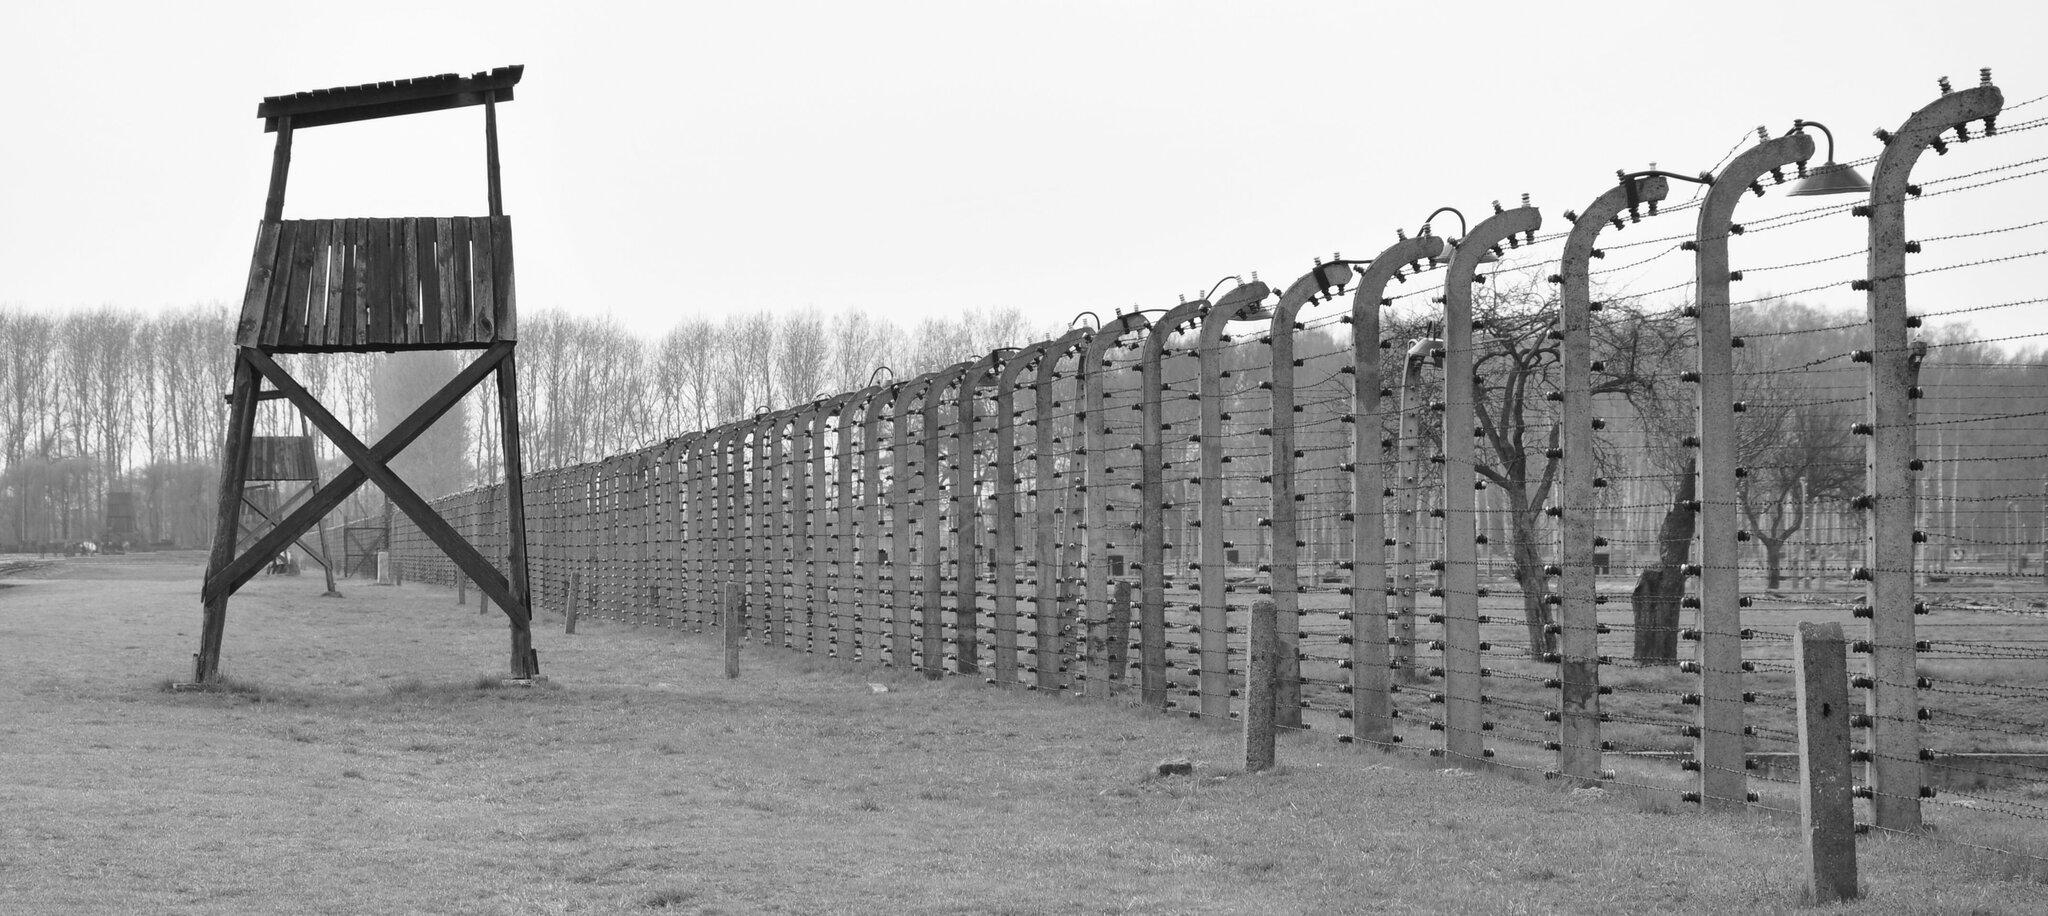 """Dawny obóz koncentracyjny""""Auschwitz-Birkenau"""" Dawny obóz koncentracyjny""""Auschwitz-Birkenau"""" Źródło: Spitfire303, licencja: CC BY-SA 3.0."""